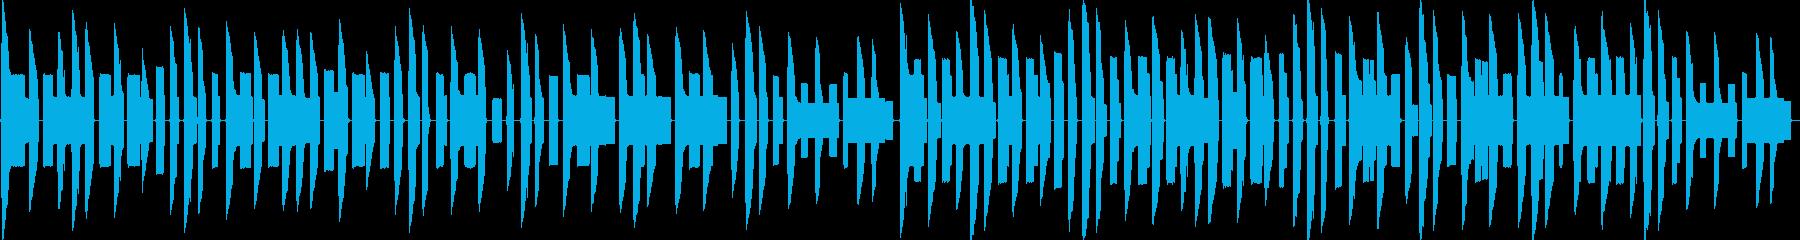 ほのぼの陽気なファミコン風チップチューンの再生済みの波形